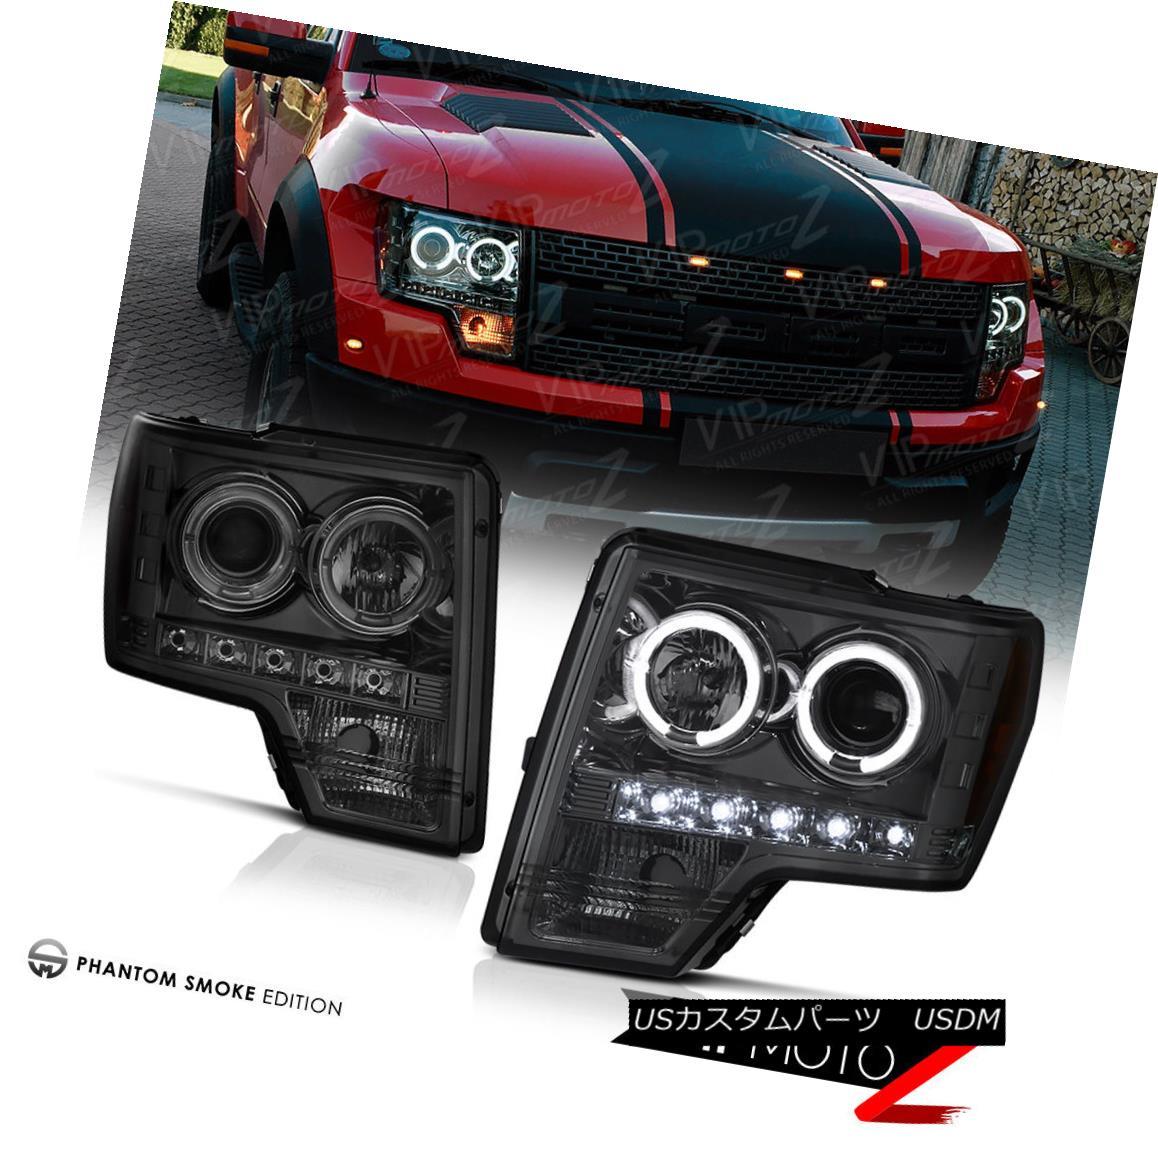 ヘッドライト 2009-2014 Ford F150 SMOKE LED DRL Halo Projector Headlights Headlamps LEFT+RIGHT 2009-2014 Ford F150 SMOKE LED DRLハロープロジェクターヘッドライトヘッドランプLEFT + RIGHT